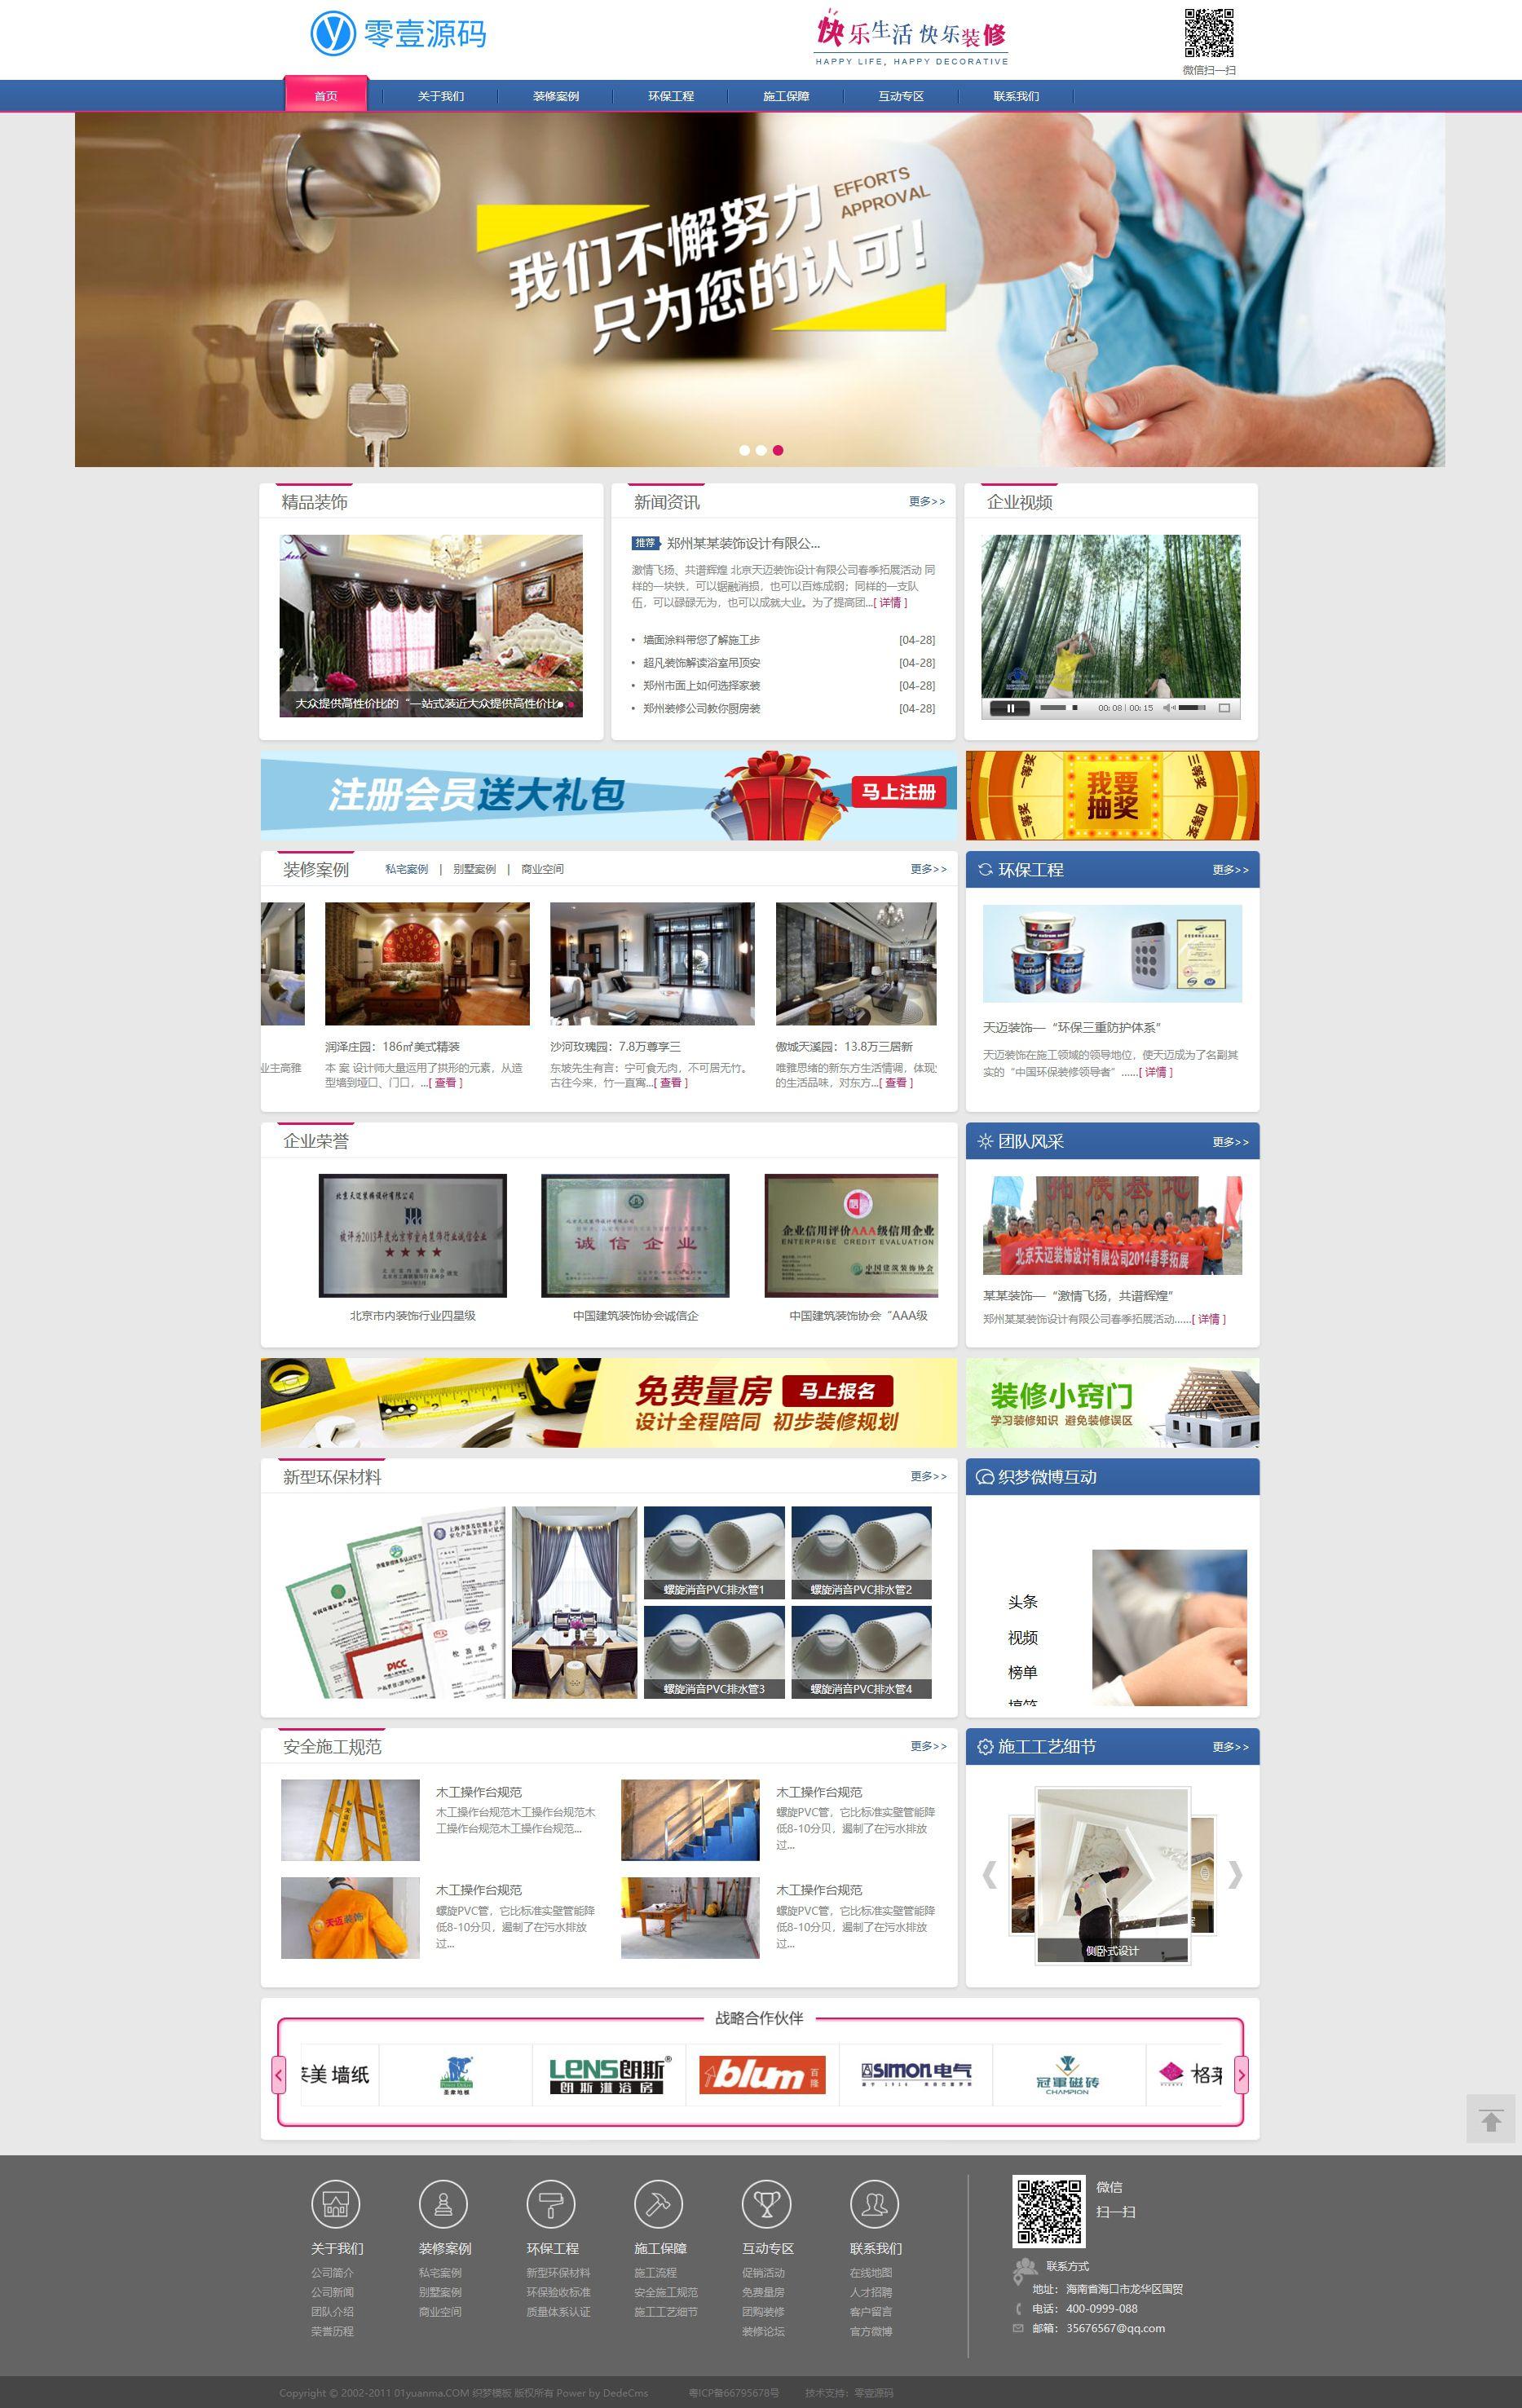 装饰工作室装修装潢企业网站织梦dedecms模板